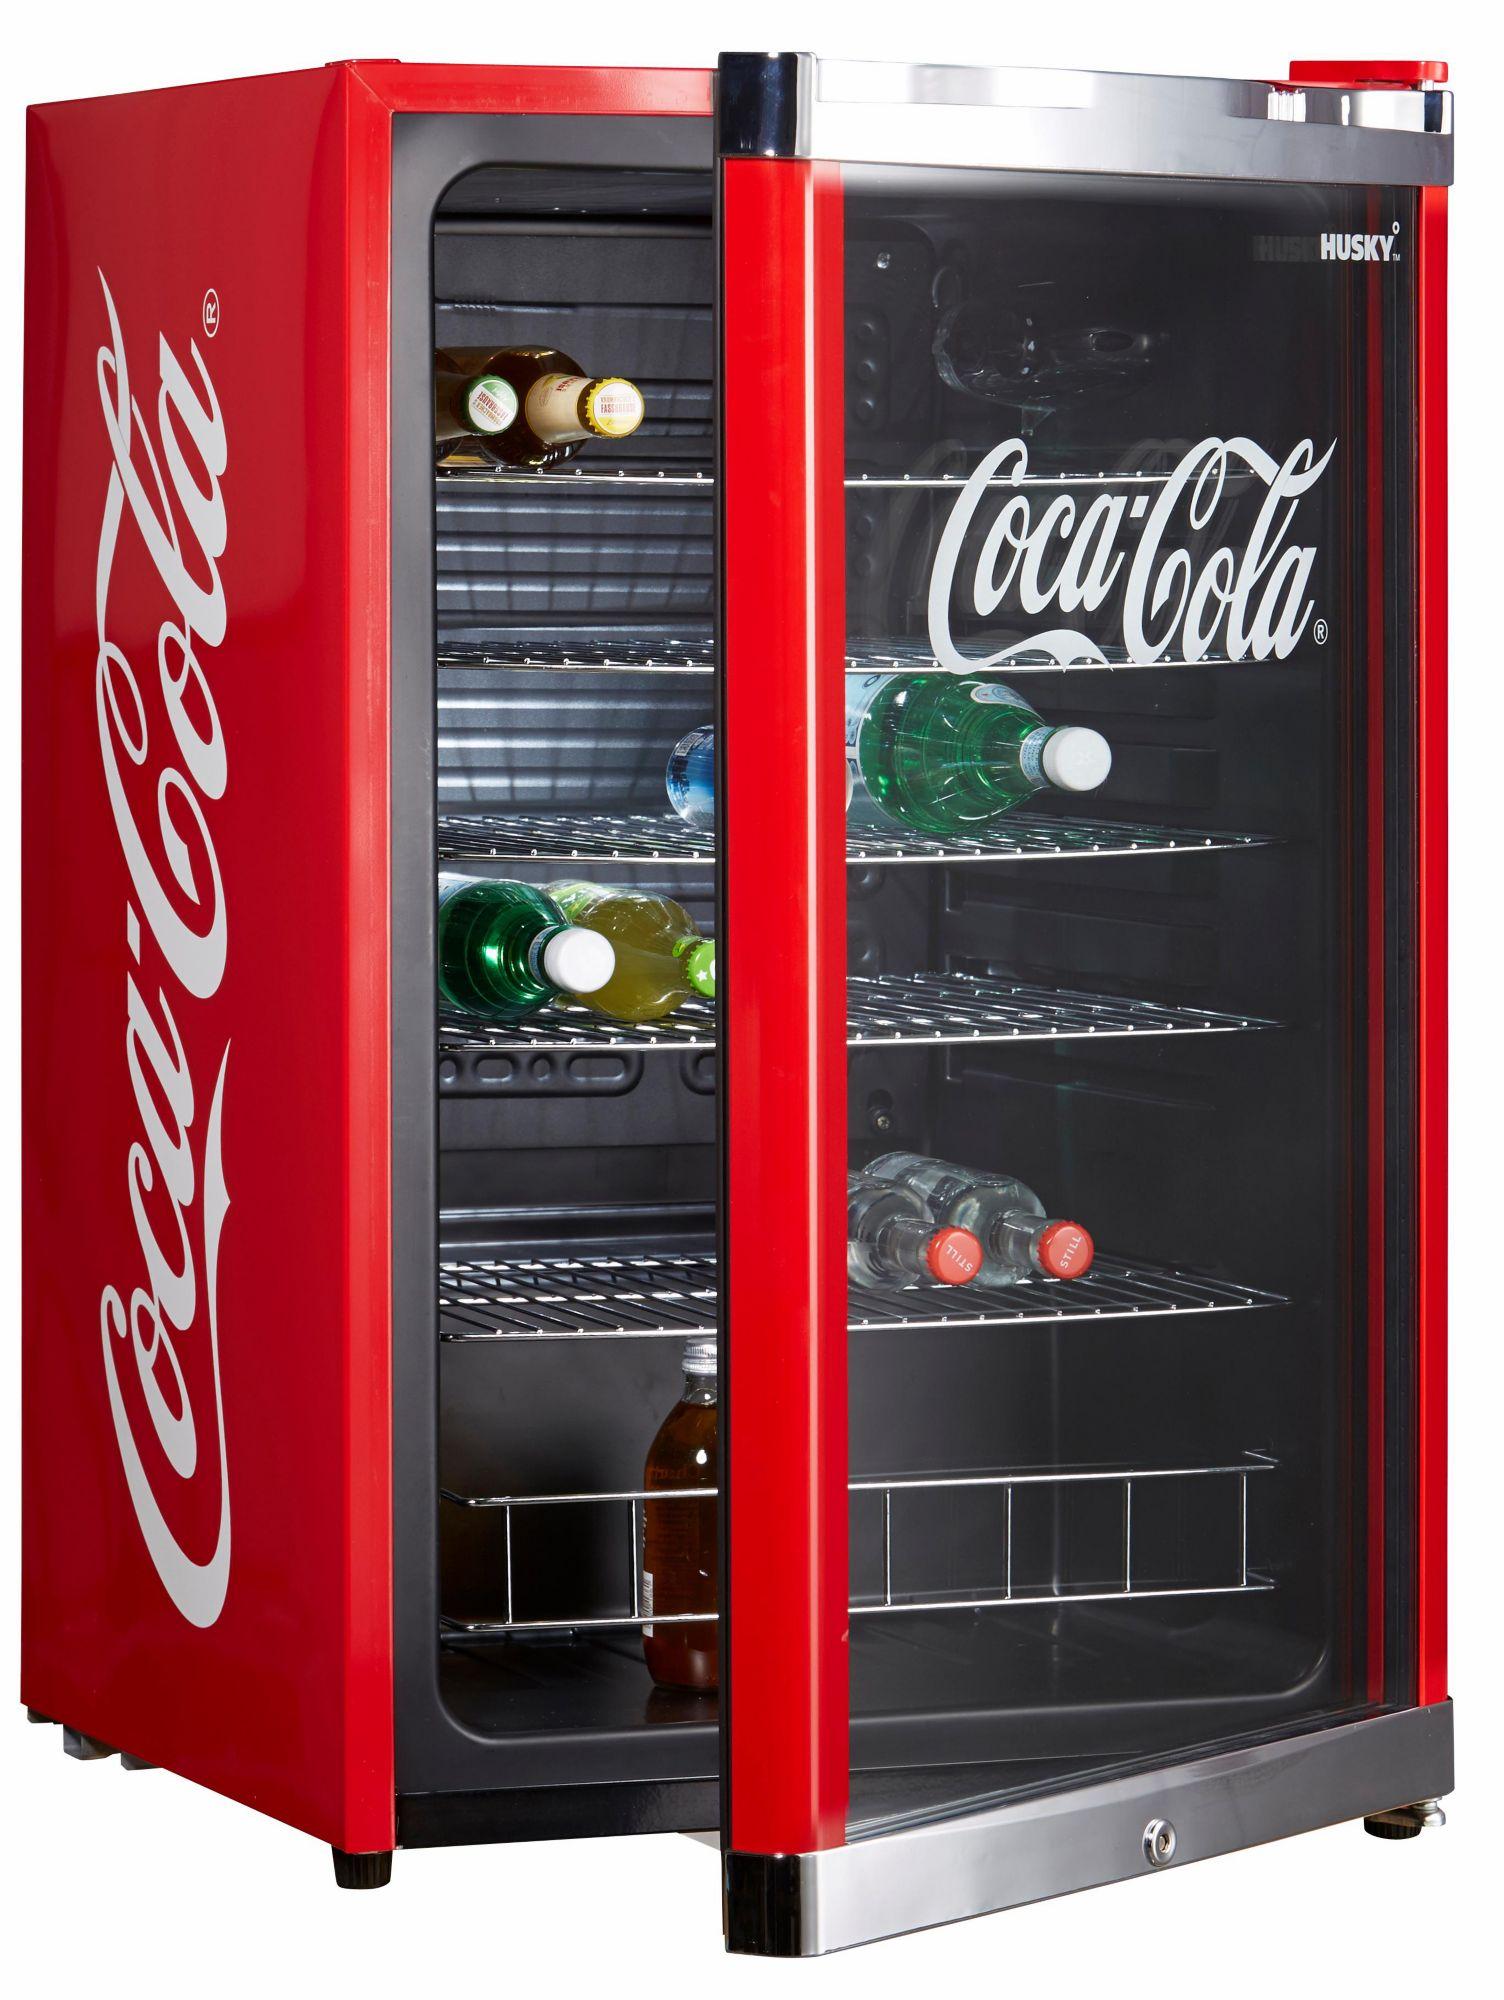 Charmant Kleiner Cola Kühlschrank Ideen - Die besten ...